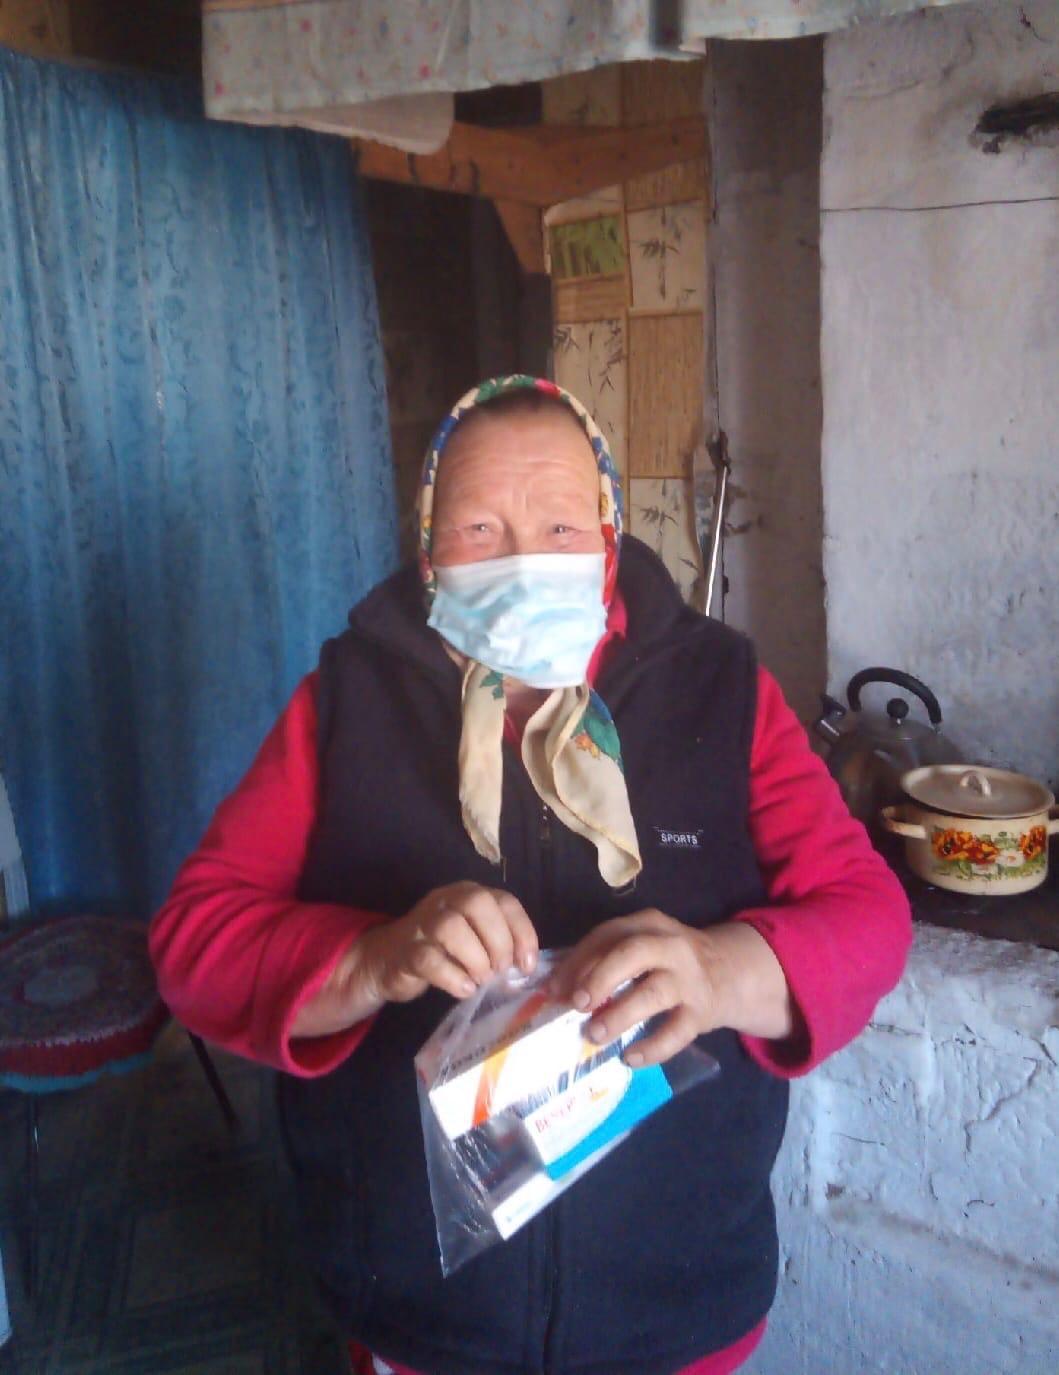 В рамках национального проекта «Демография» сотрудниками Центра была осуществлена бесплатная доставка лекарственных препаратов и продуктов питания гражданам старше 65 лет, проживающим в д.